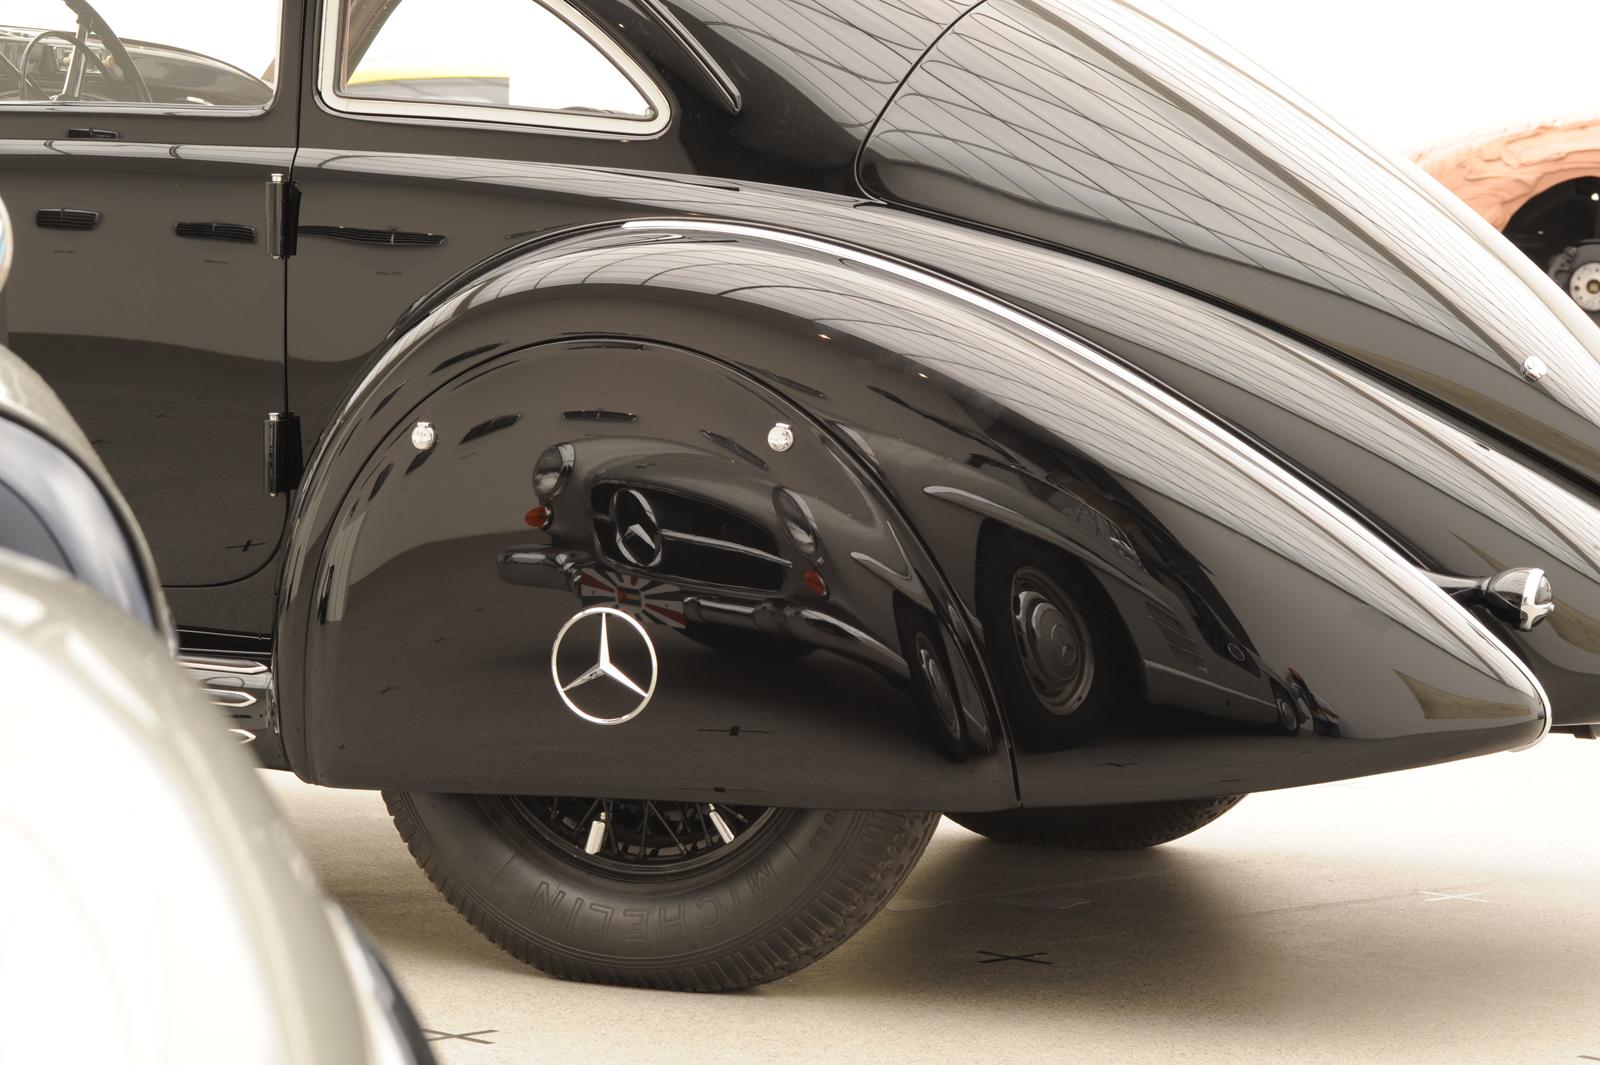 """Выставка """"вехи истории автомобильного дизайна - пример Mercedes-Benz"""" в Pinakothek der Moderne) в Мюнхене - фотография №8"""